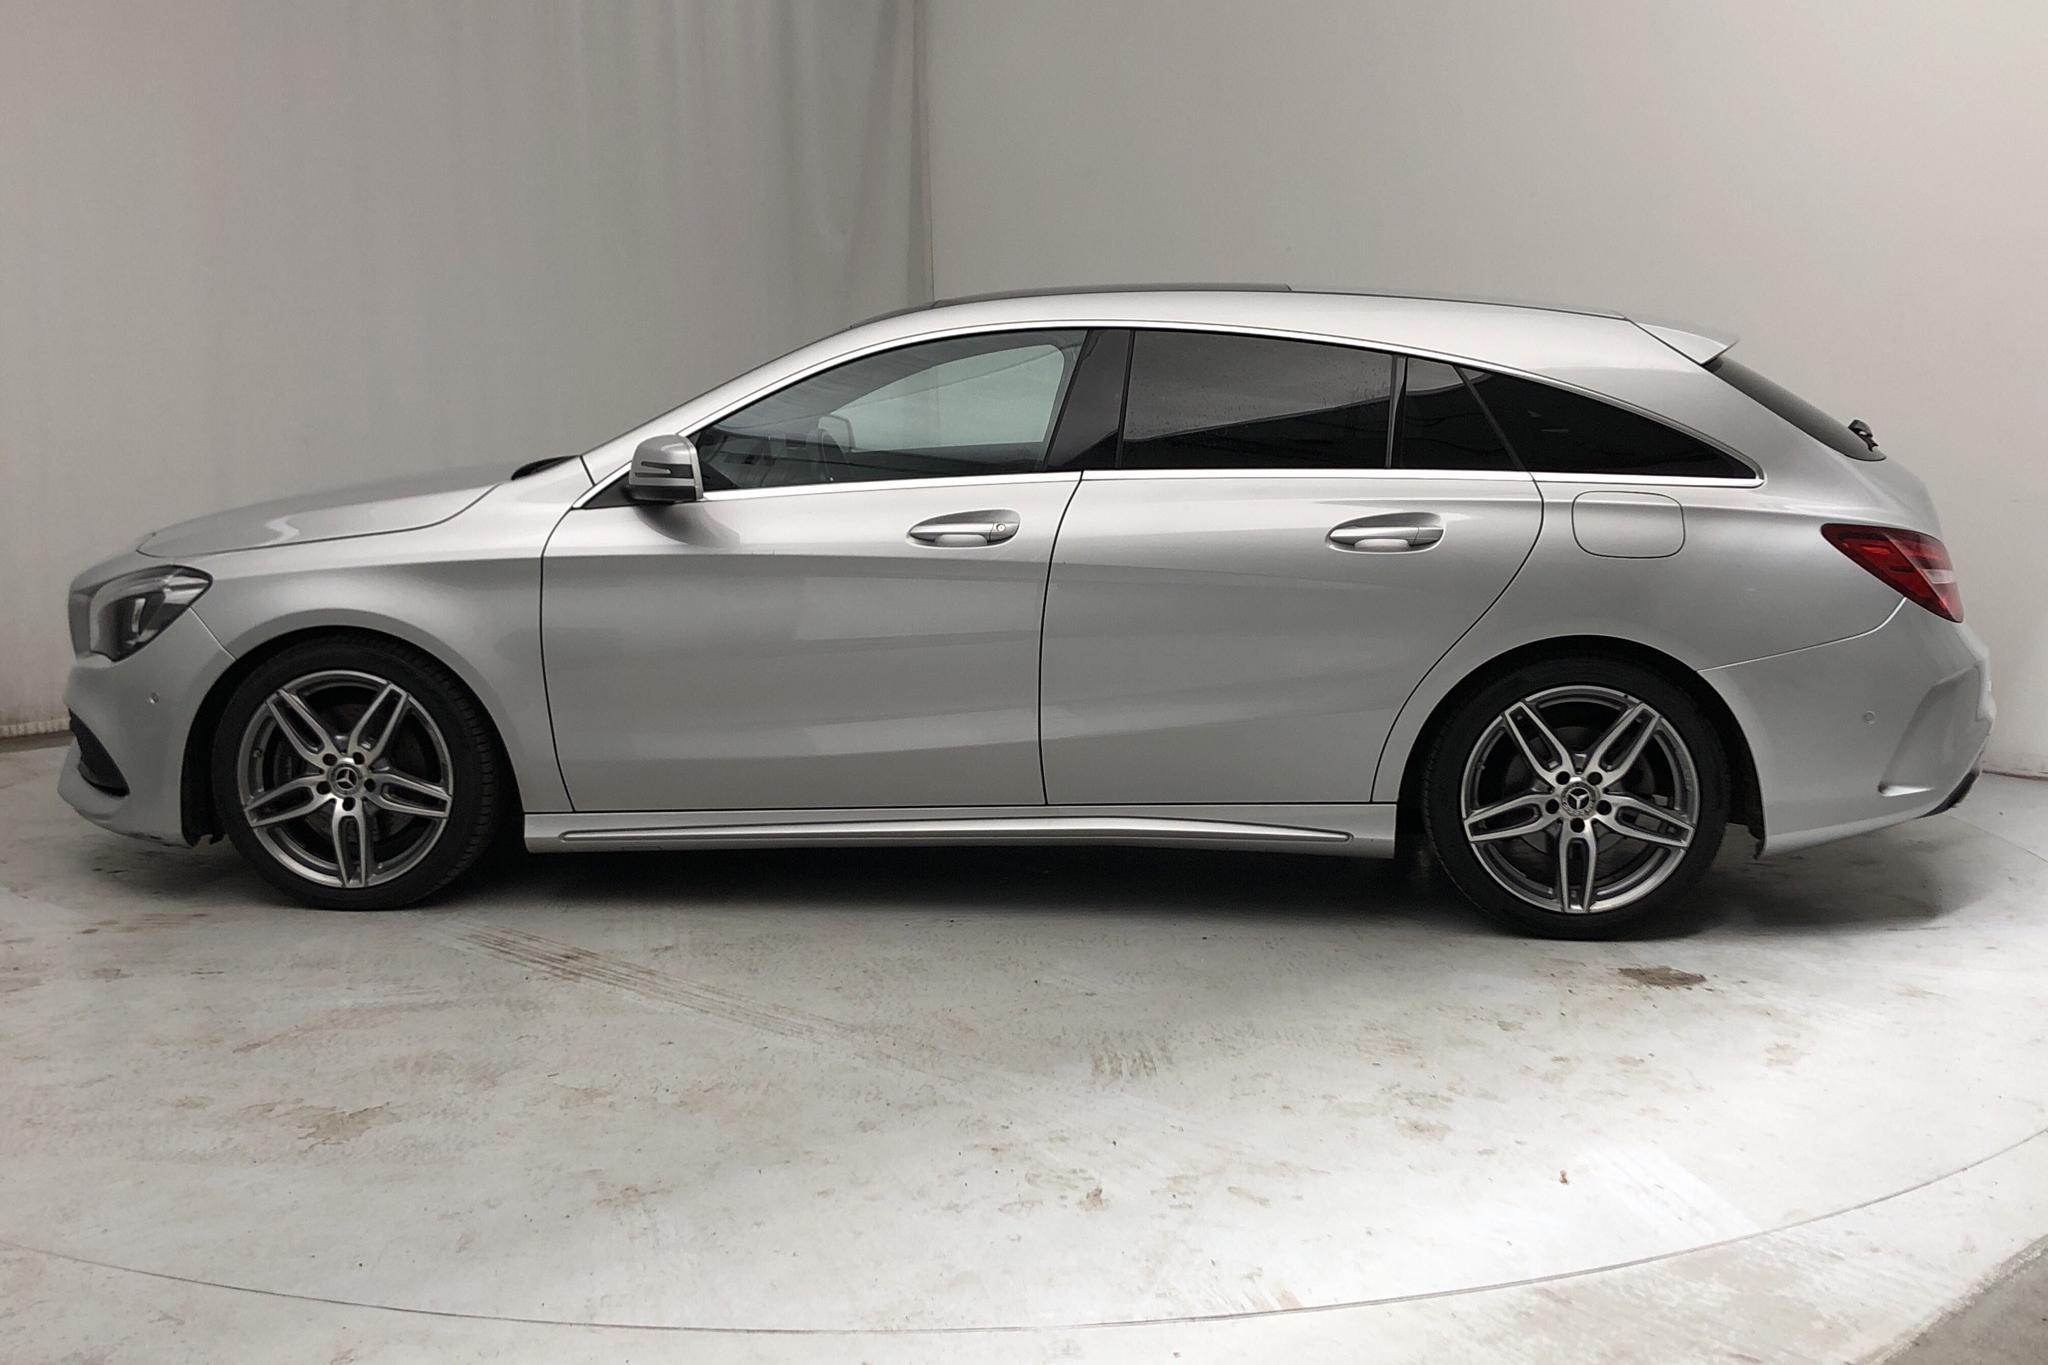 Mercedes CLA 220 d Shooting Brake X117 (177hk) - 75 230 km - Automatic - silver - 2018